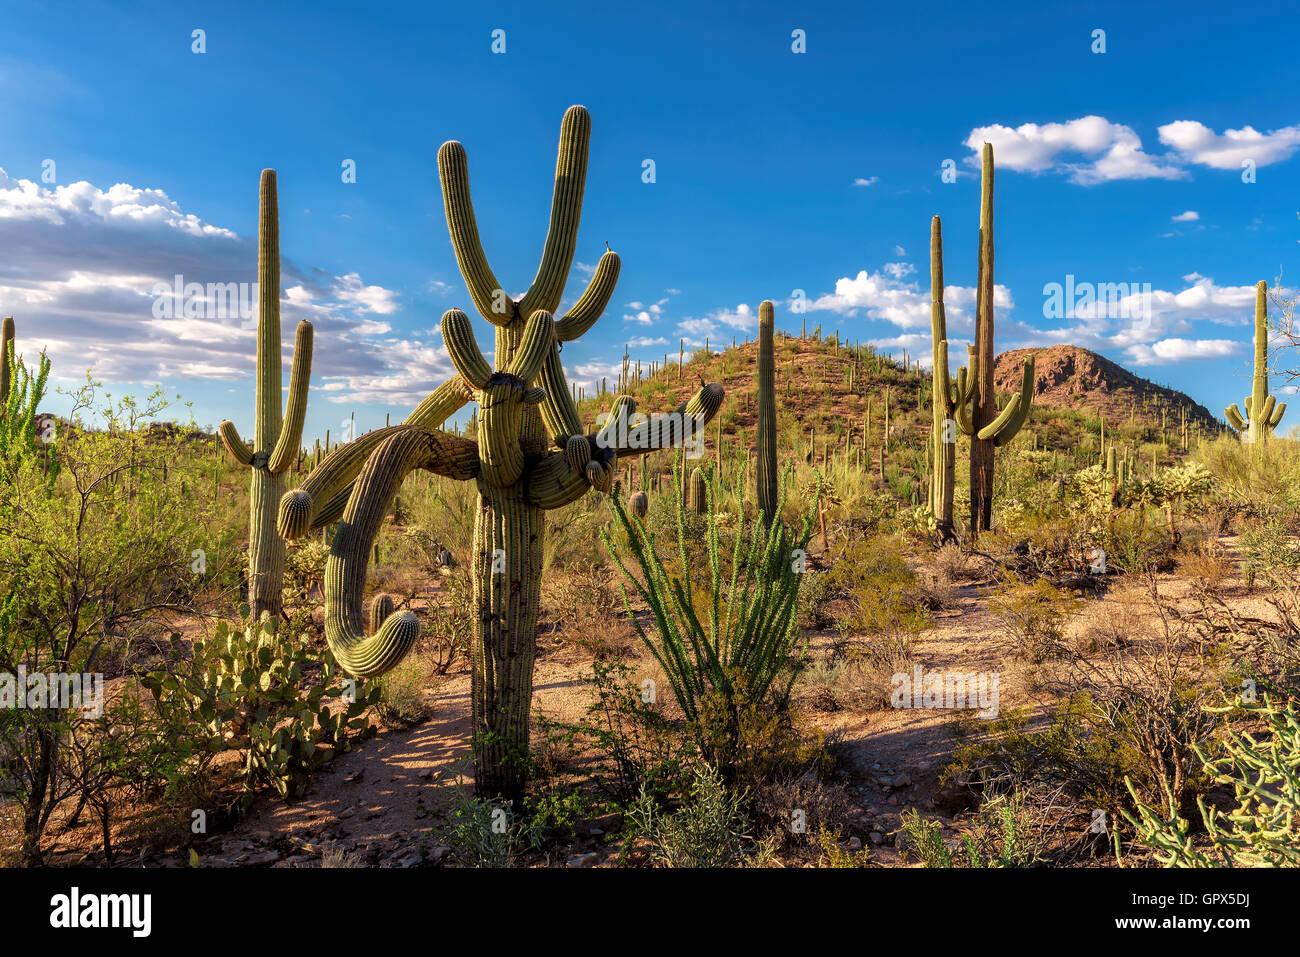 Cactus Garden at Saguaro National Park - Stock Image